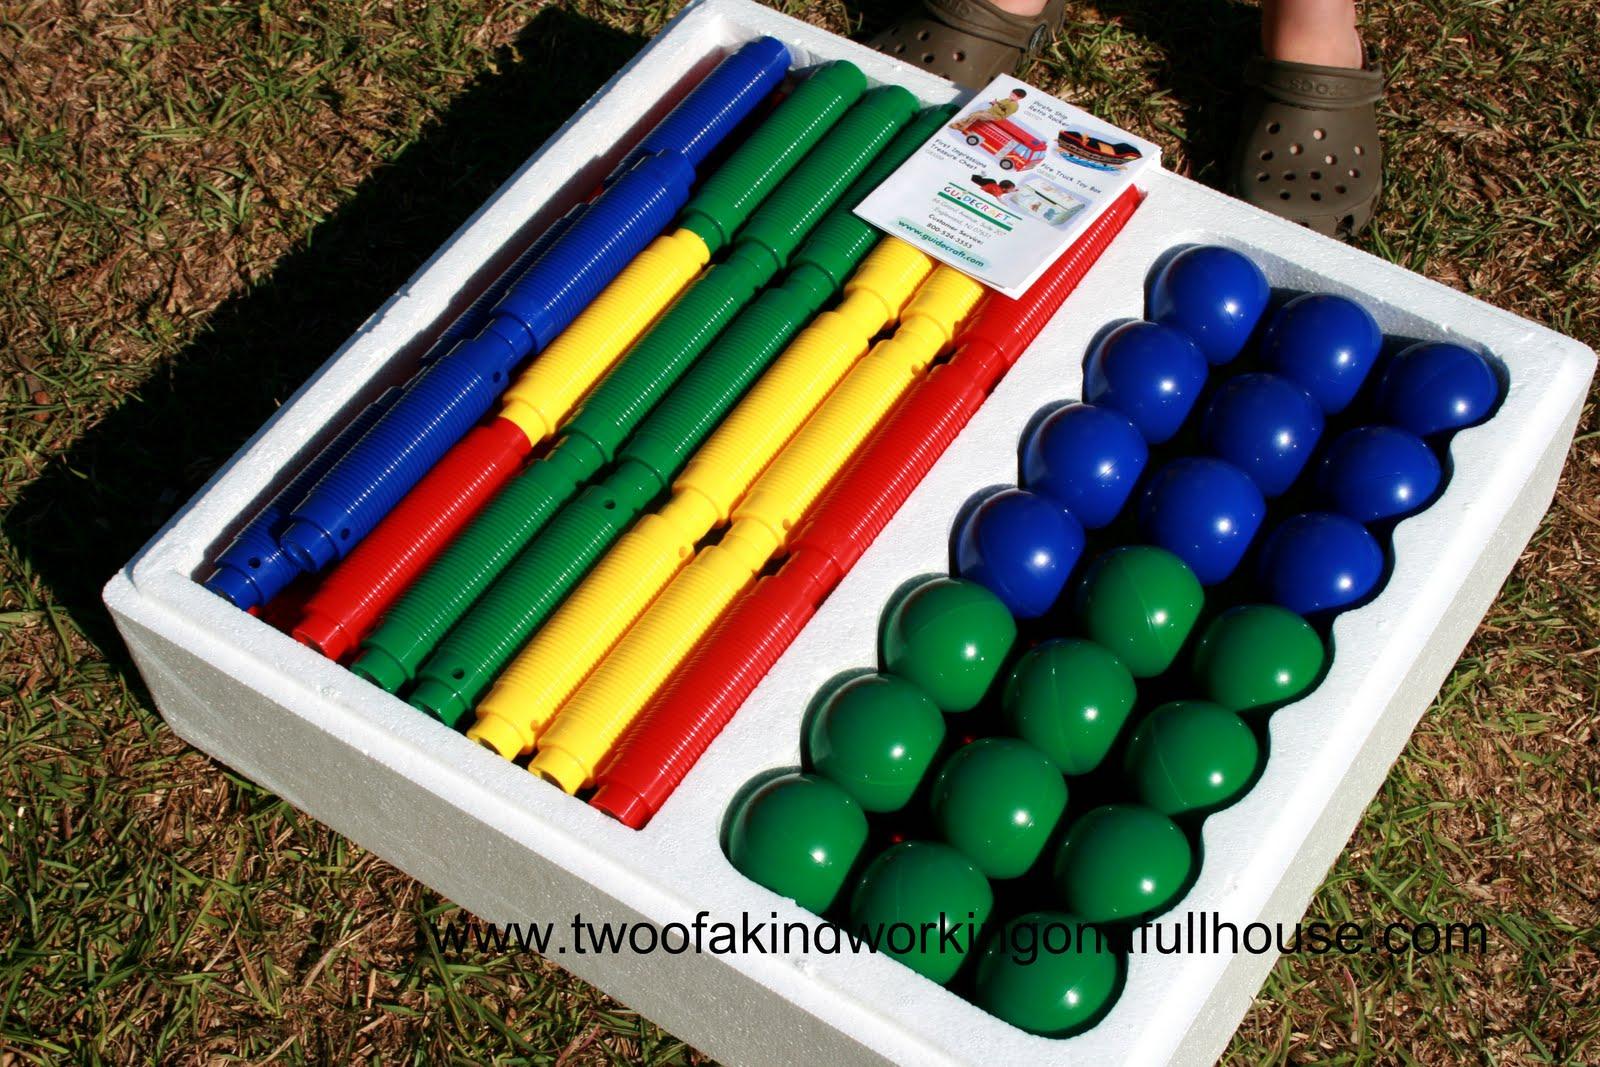 magneatos guidecraft magneatos jumbo set ( pieces) amazoncouk  - guidecraft educational kids toys magneatos piece review and